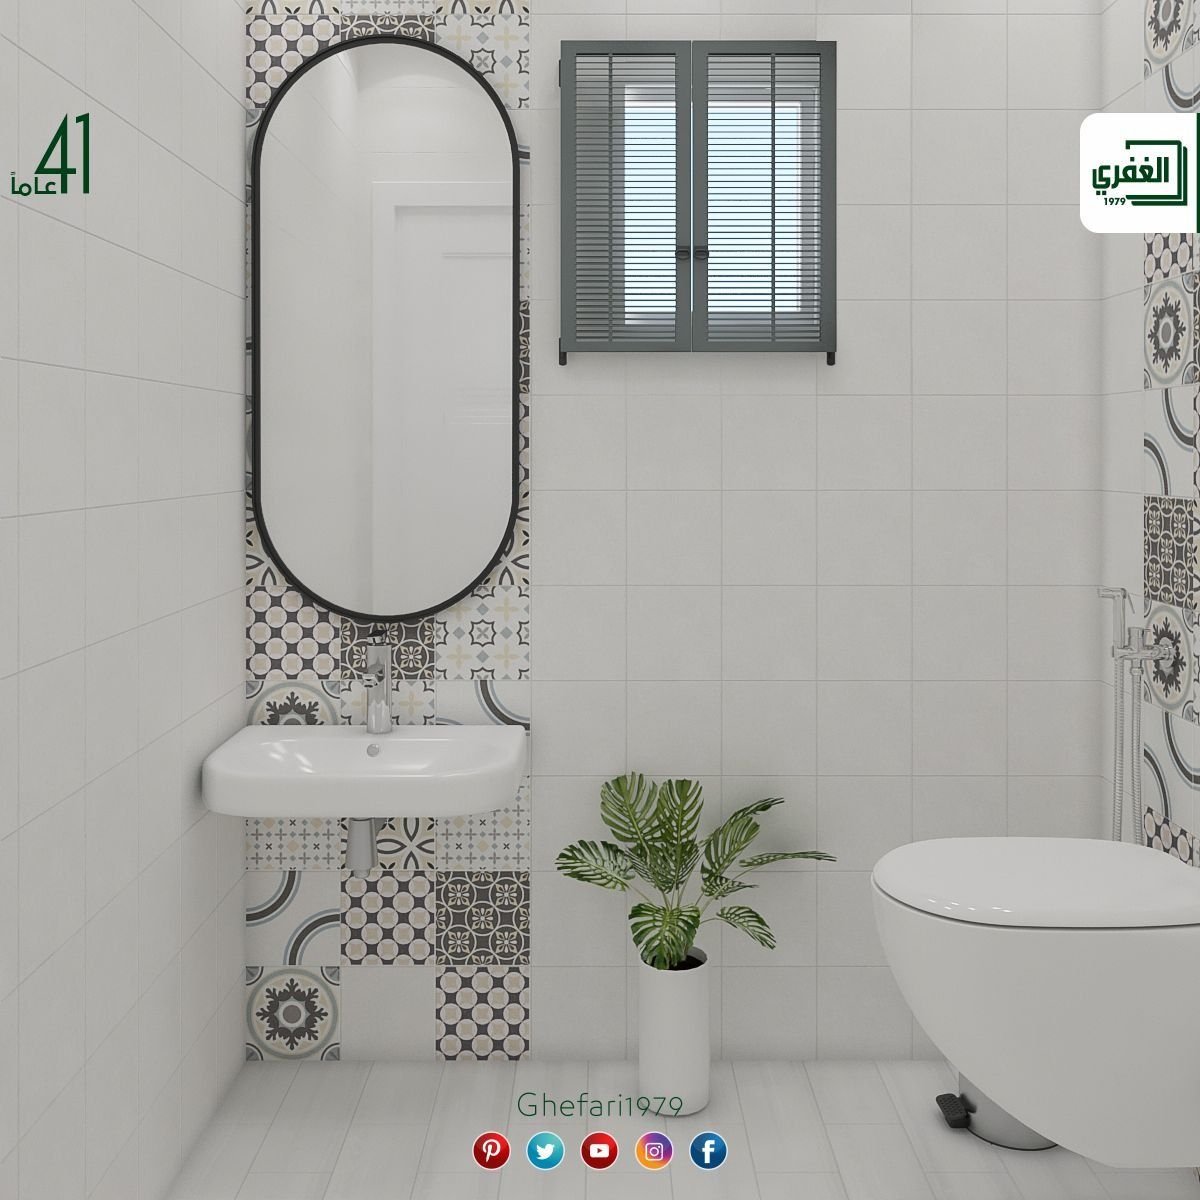 بورسلان أسباني ديكور اندلسي للاستخدام داخل الحمامات المطابخ اماكن اخرى للمزيد زورونا على موقع الشركة Https Round Mirror Bathroom Bathroom Mirror Home Decor